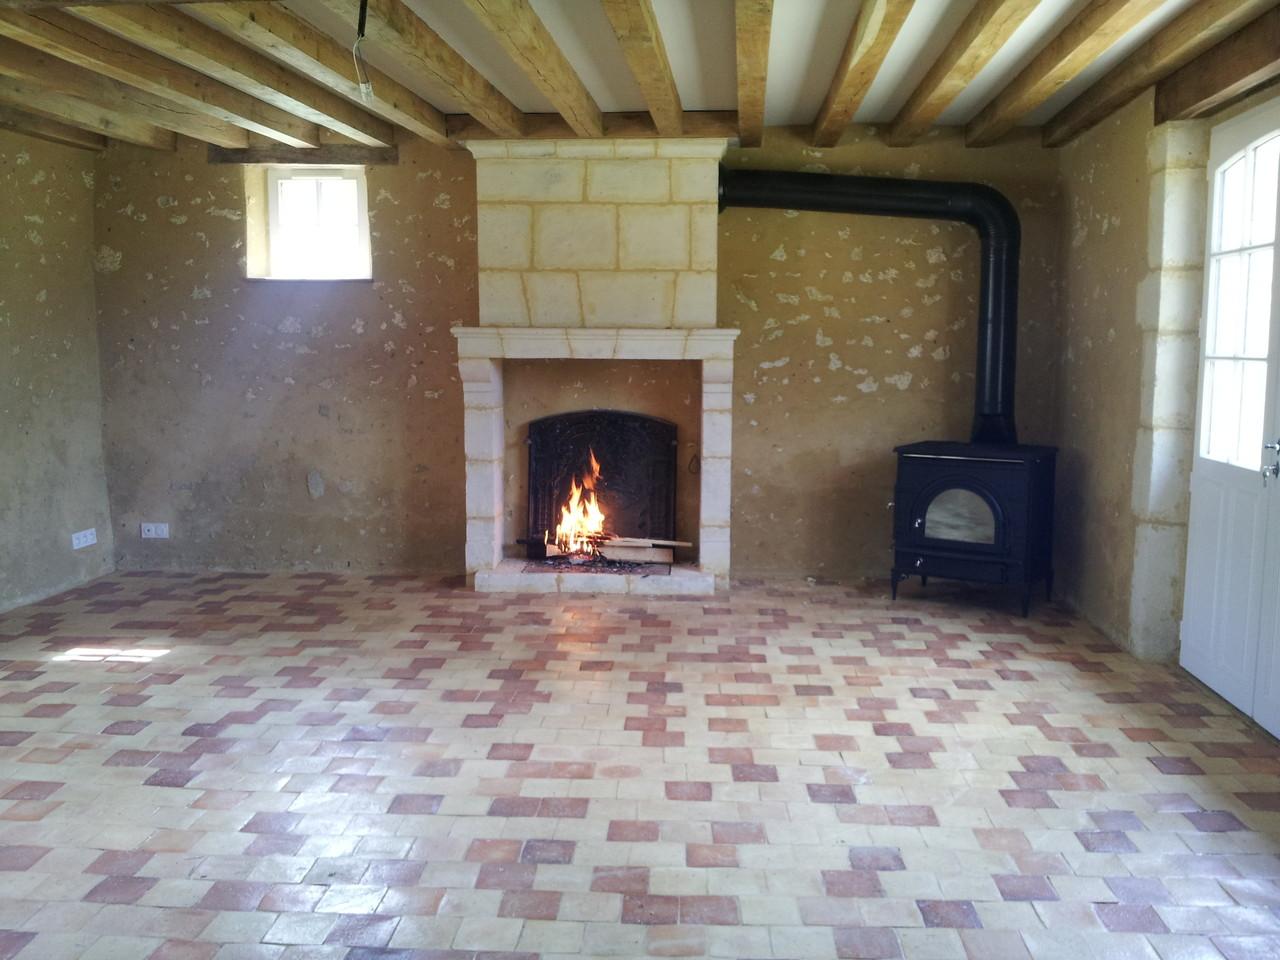 Renovation De Cheminee Ancienne cheminées en pierres de taille patinées - rénovation du bâti